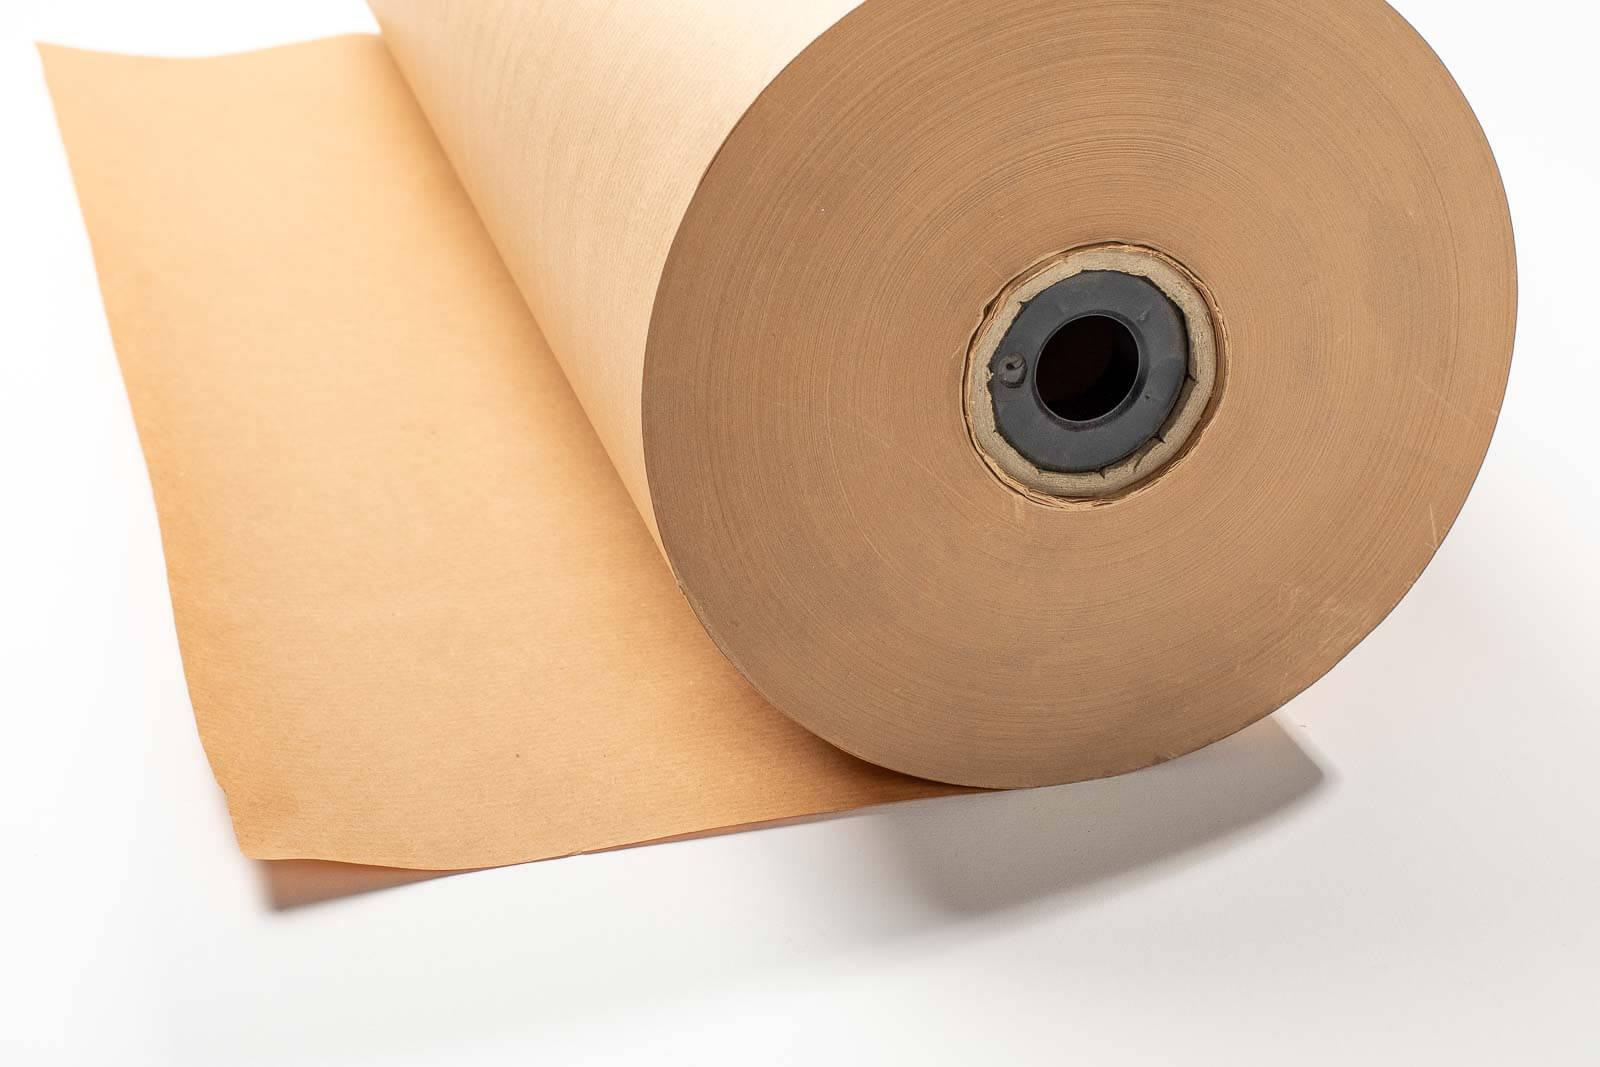 Eine seitliche Aufnahme der Secare-Rolle, braunes Packpapier